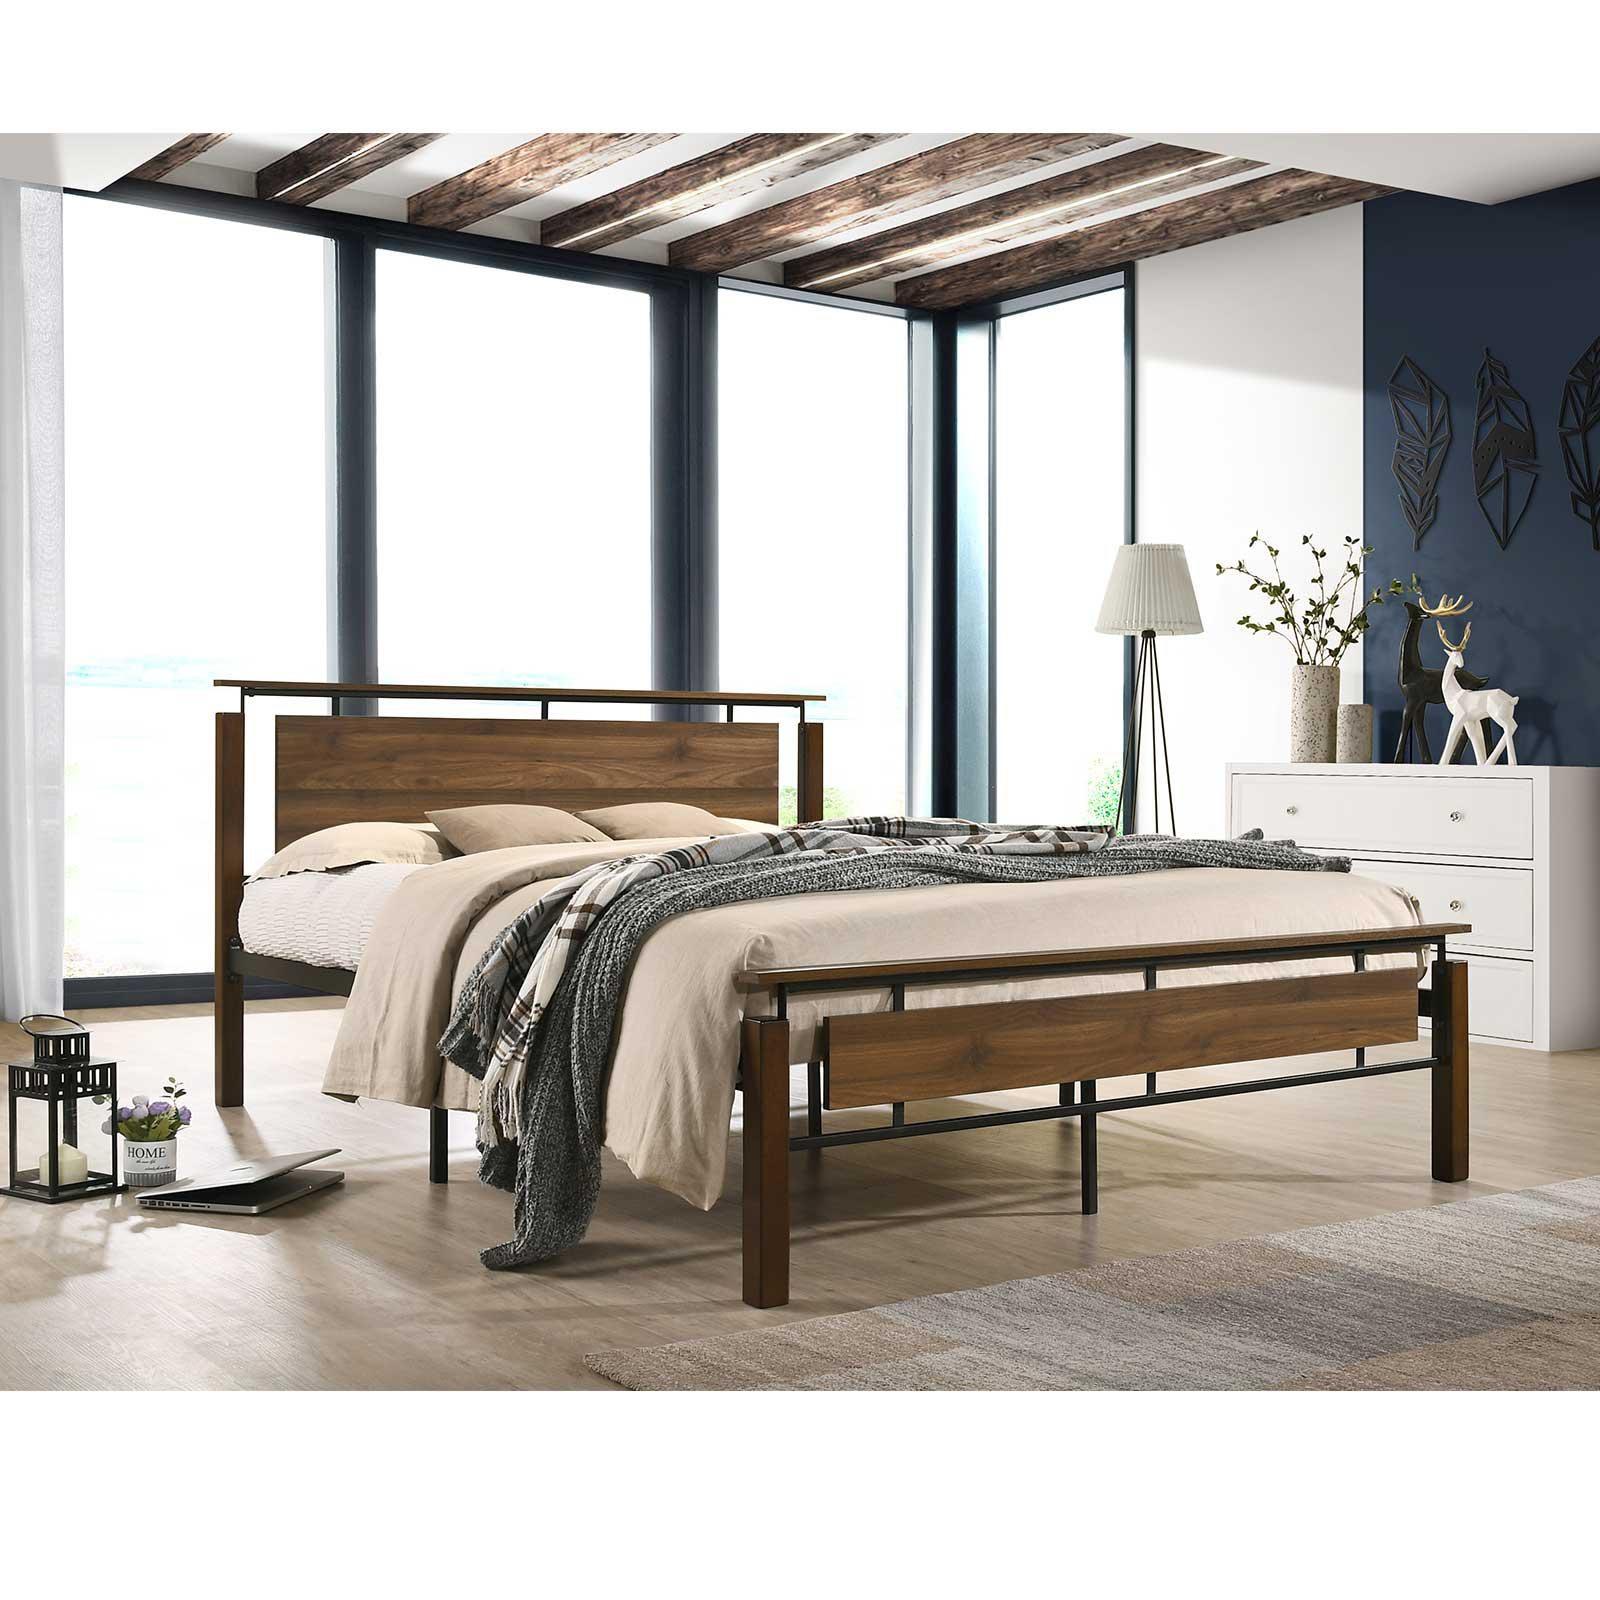 Industrial Metal Bed Frame With Solid Rubberwood Platform Base Queen Size Matt Blatt